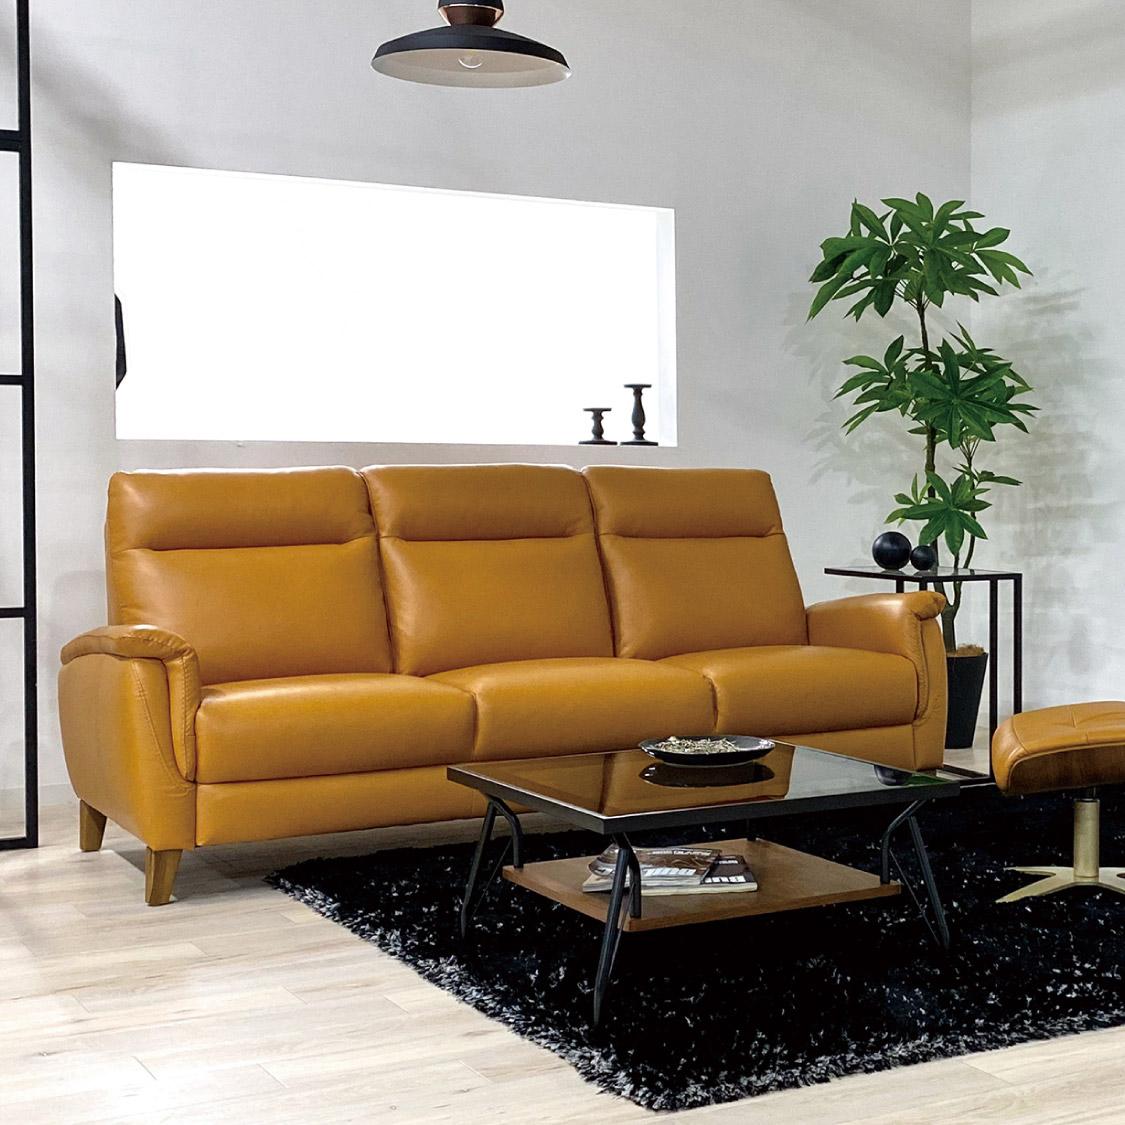 sofa09